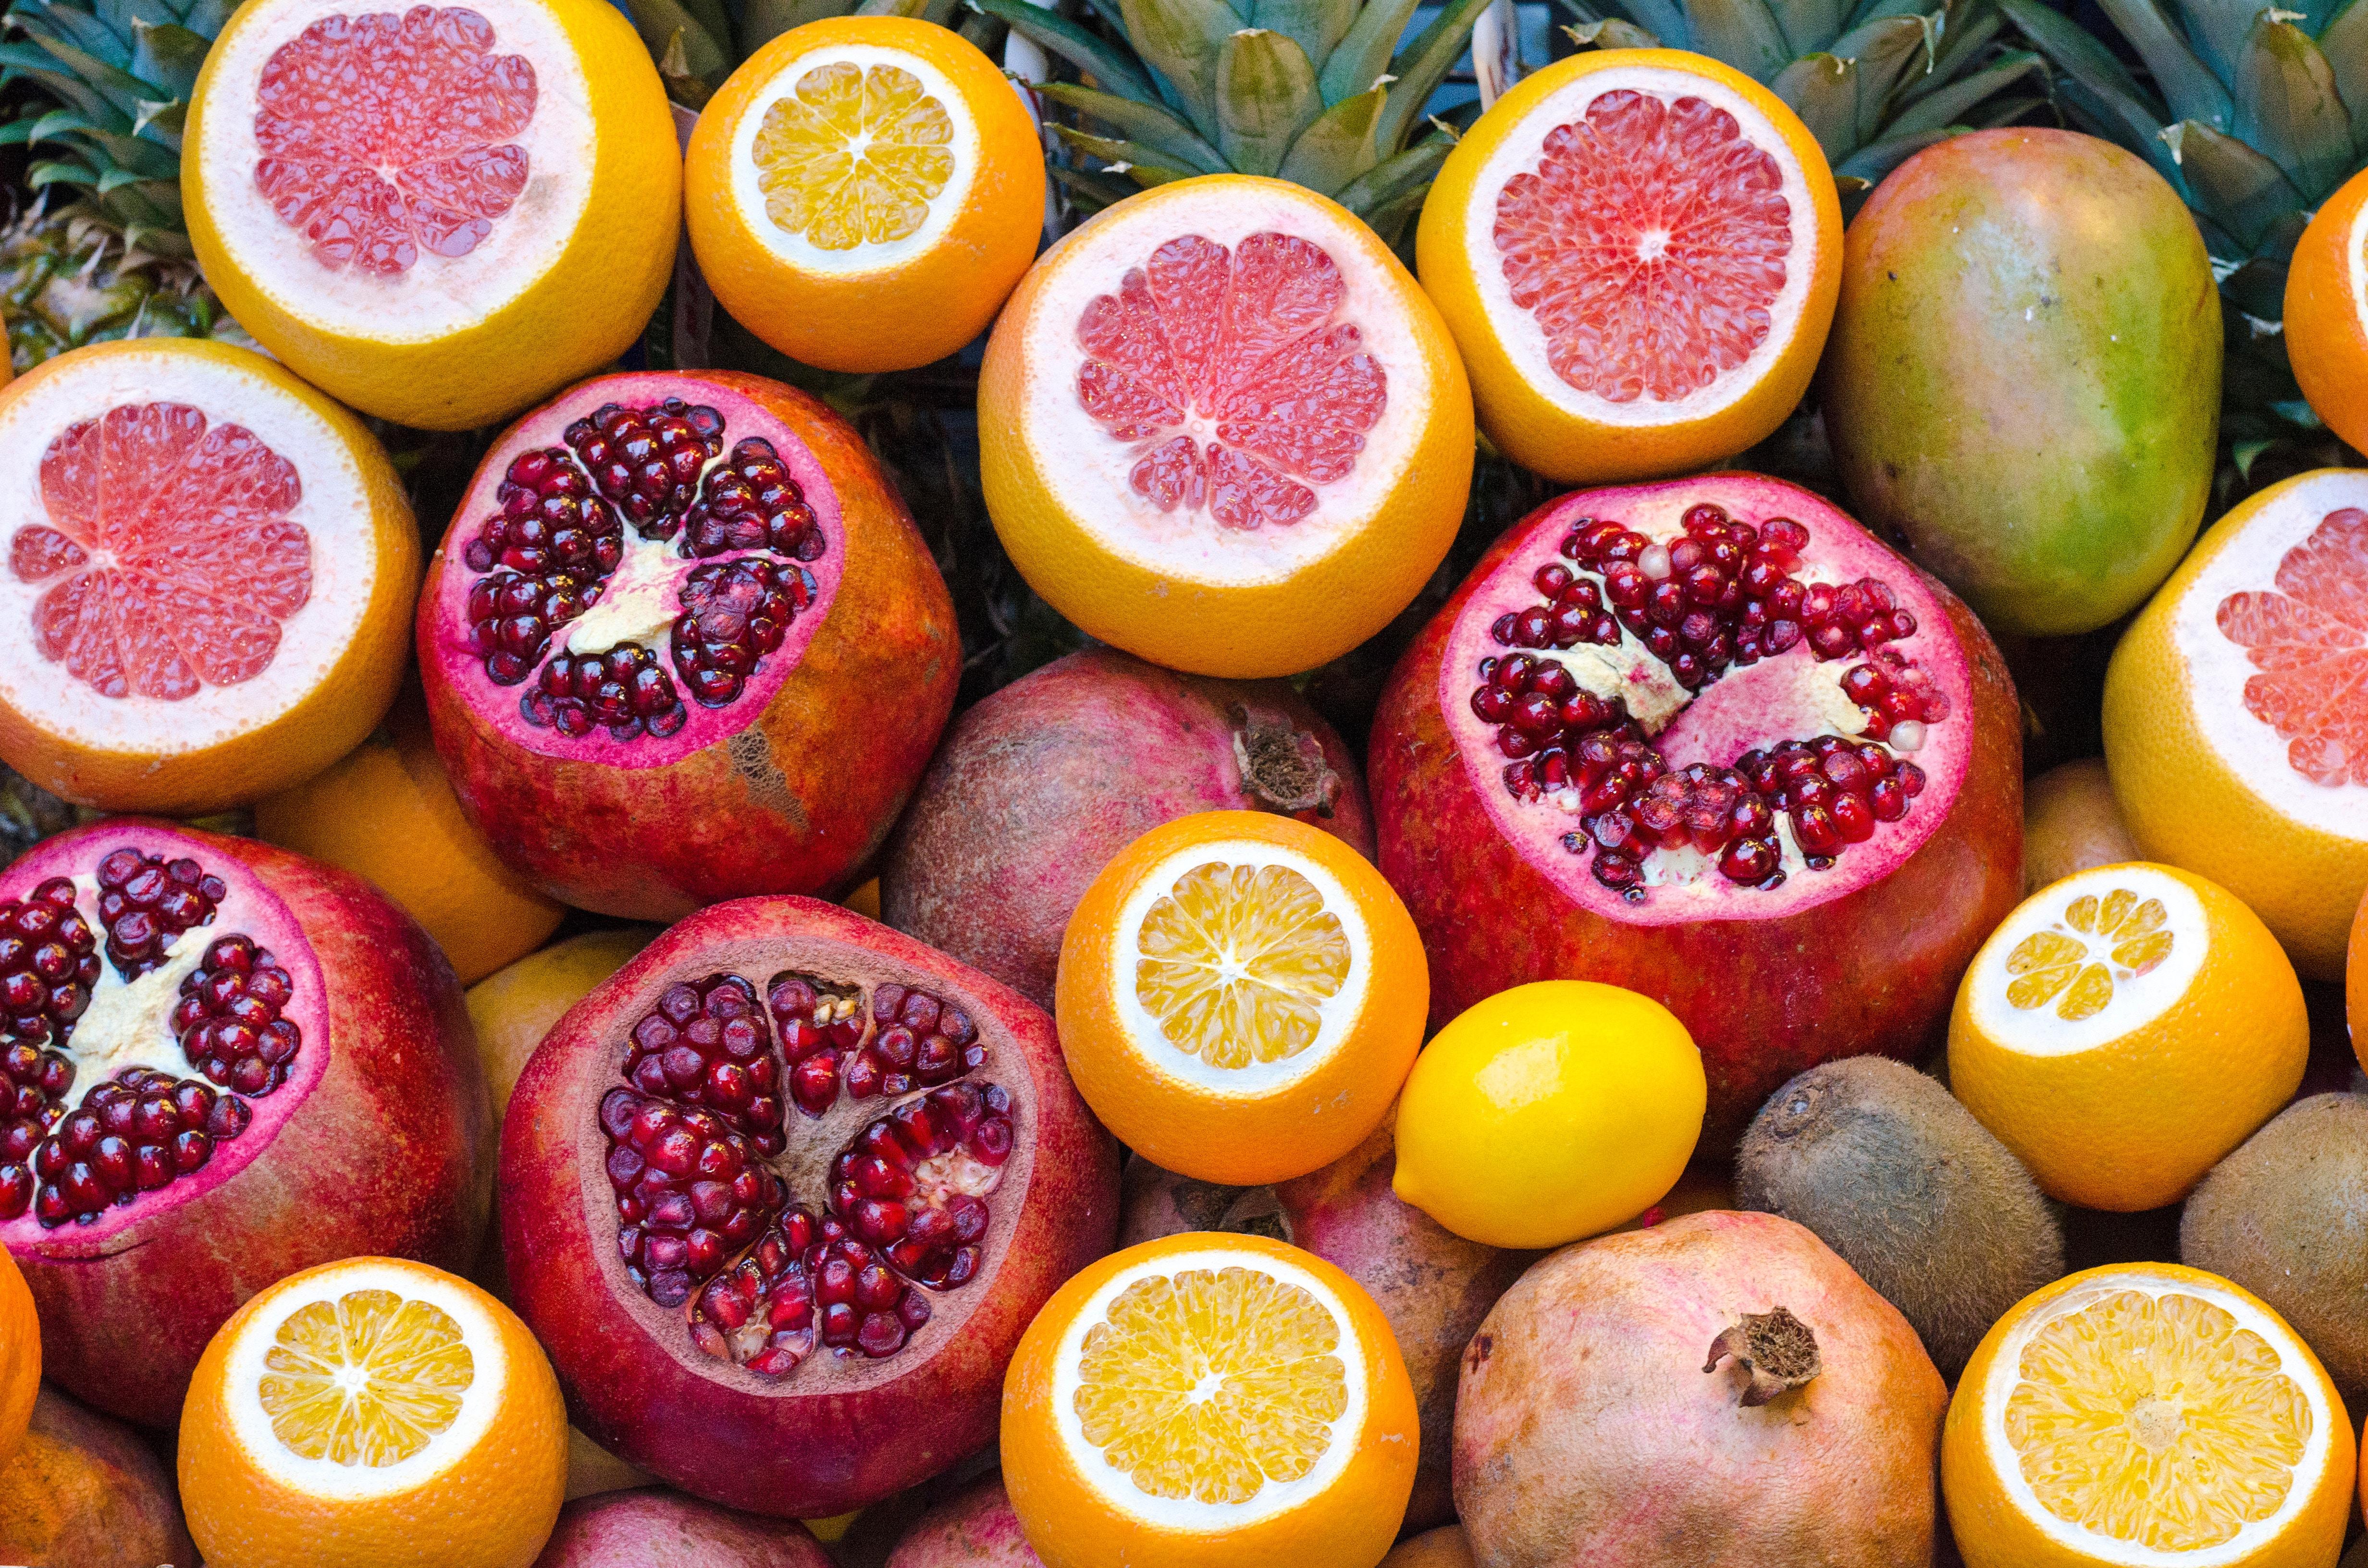 大量のグレープフルーツ